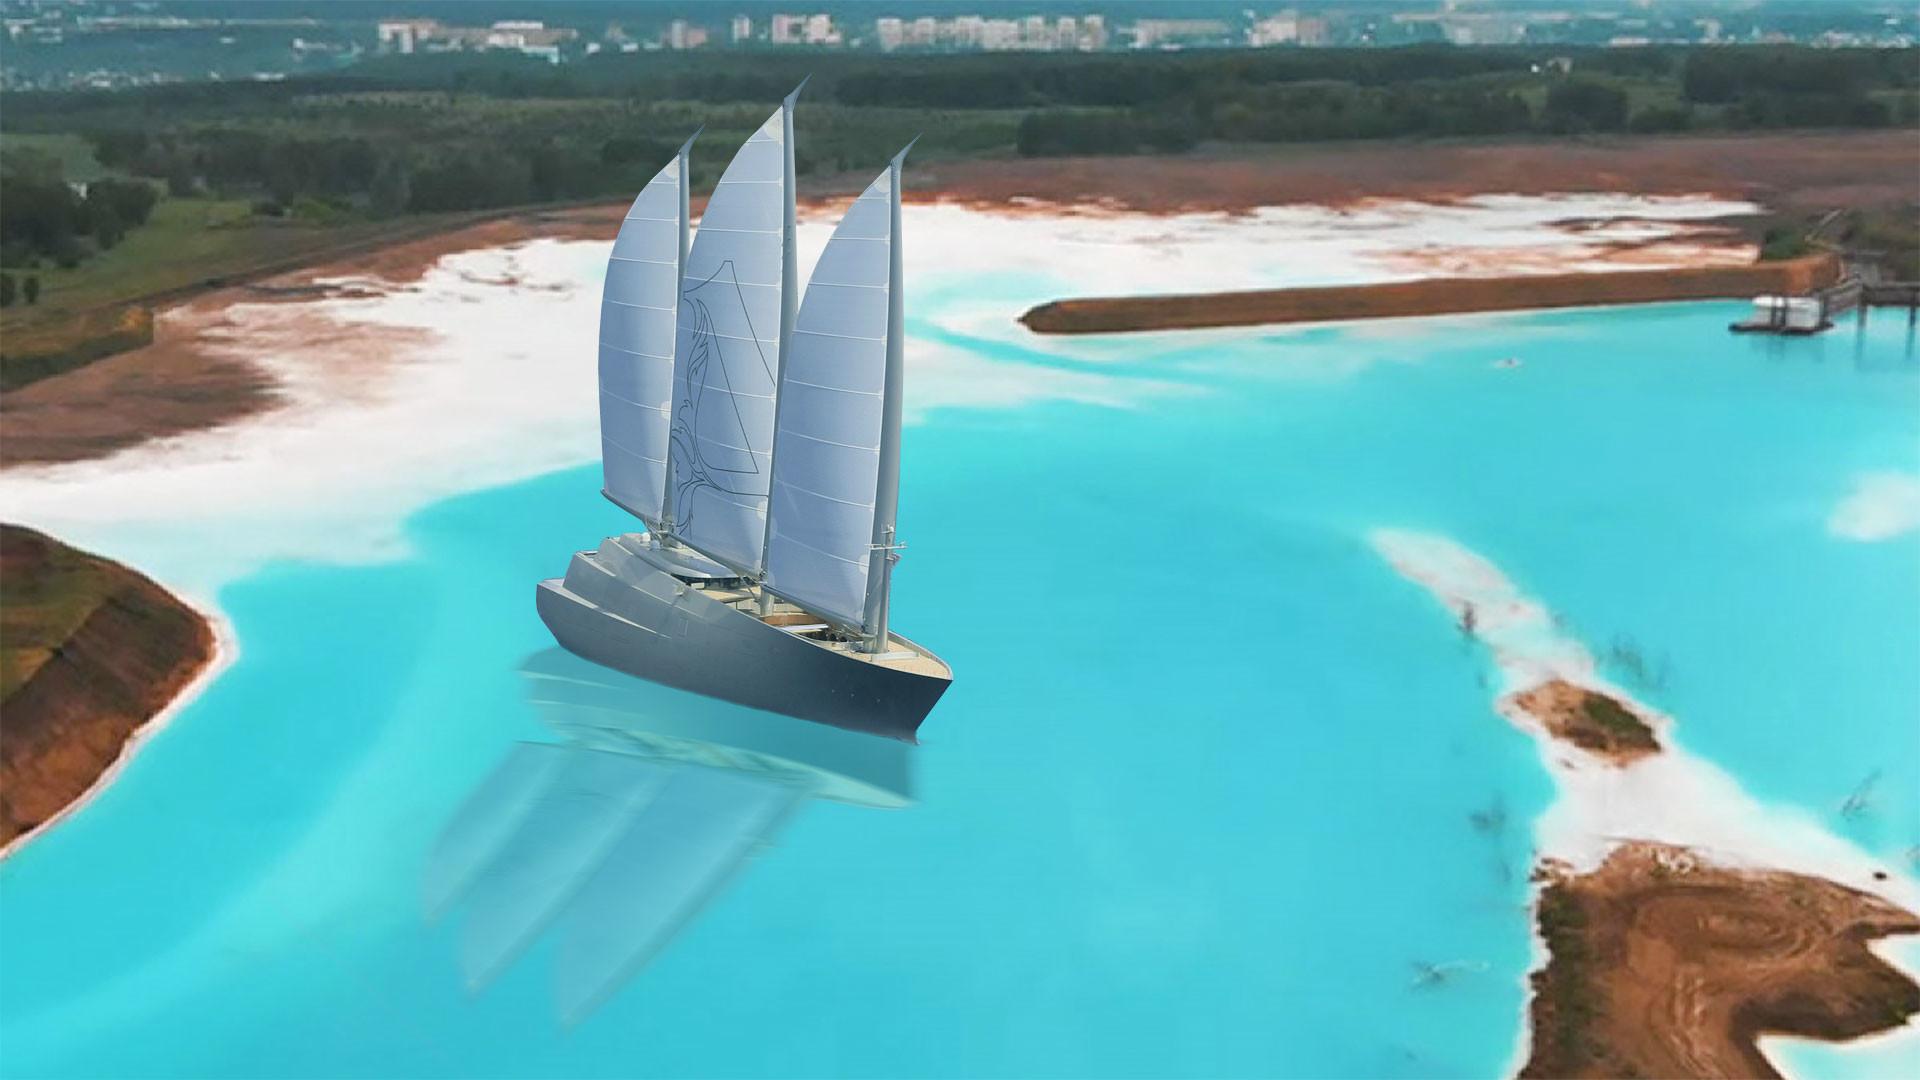 """<p>Коллаж © LIFE. Фото ©<a href=""""https://www.nobiskrug.com/fleet/sailing-yacht-a/#gallery"""" target=""""_self"""">Nobiskrug,</a> © <a href=""""https://www.instagram.com/maldives_nsk/"""" target=""""_self"""">Instagram/maldives_nsk</a></p>"""